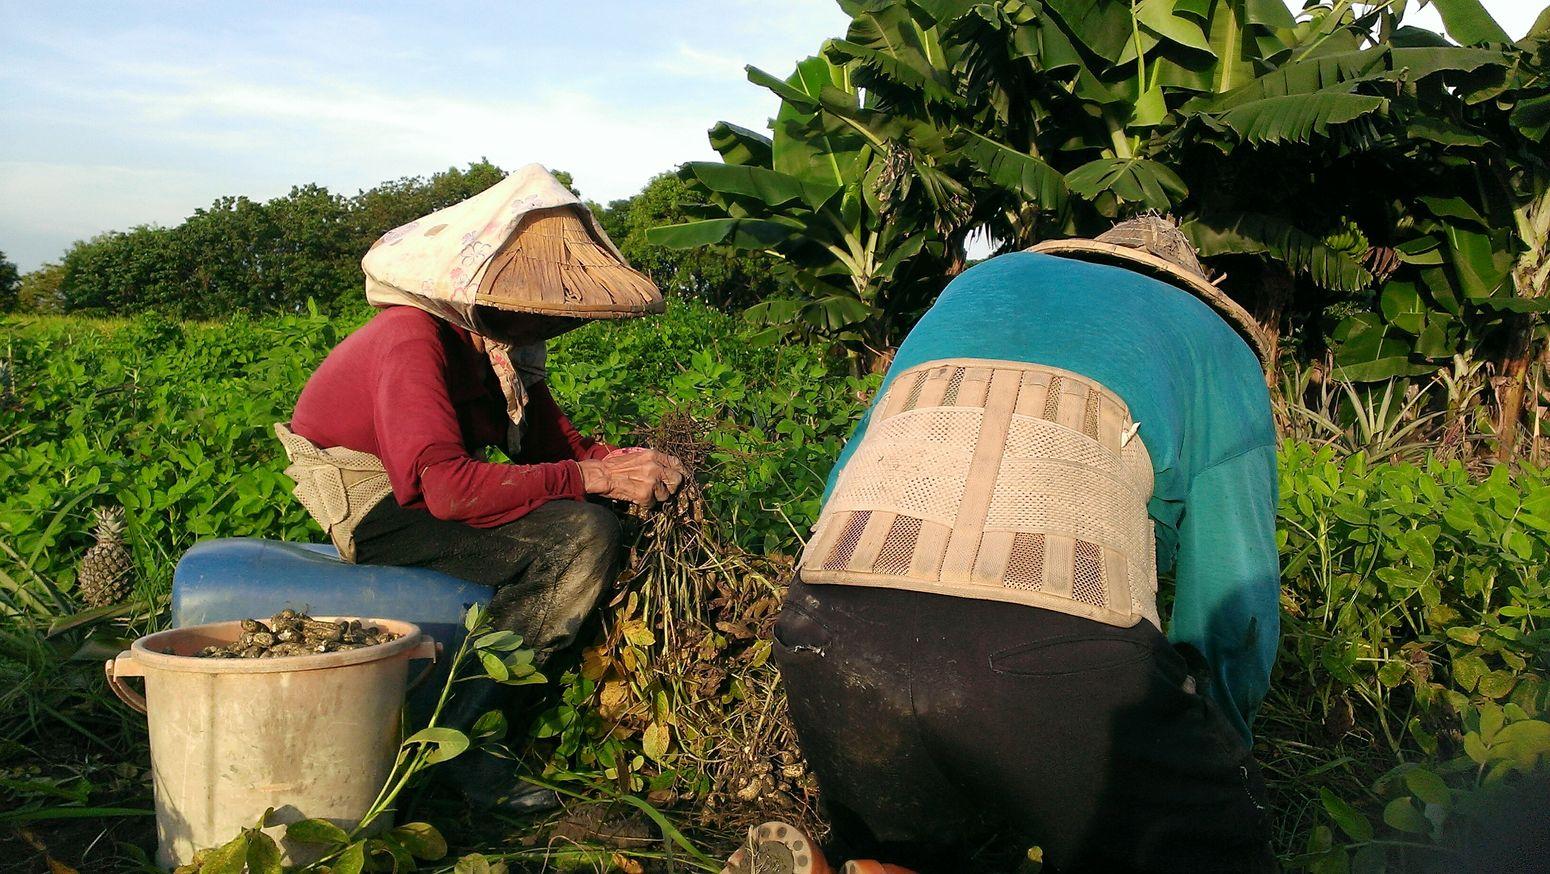 敬天謝地,自食其力~ Our total age, more than 170. The View And The Spirit Of Taiwan 台灣景 台灣情 Taking Photos Garden Nature Love Family Happy People Asian Culture